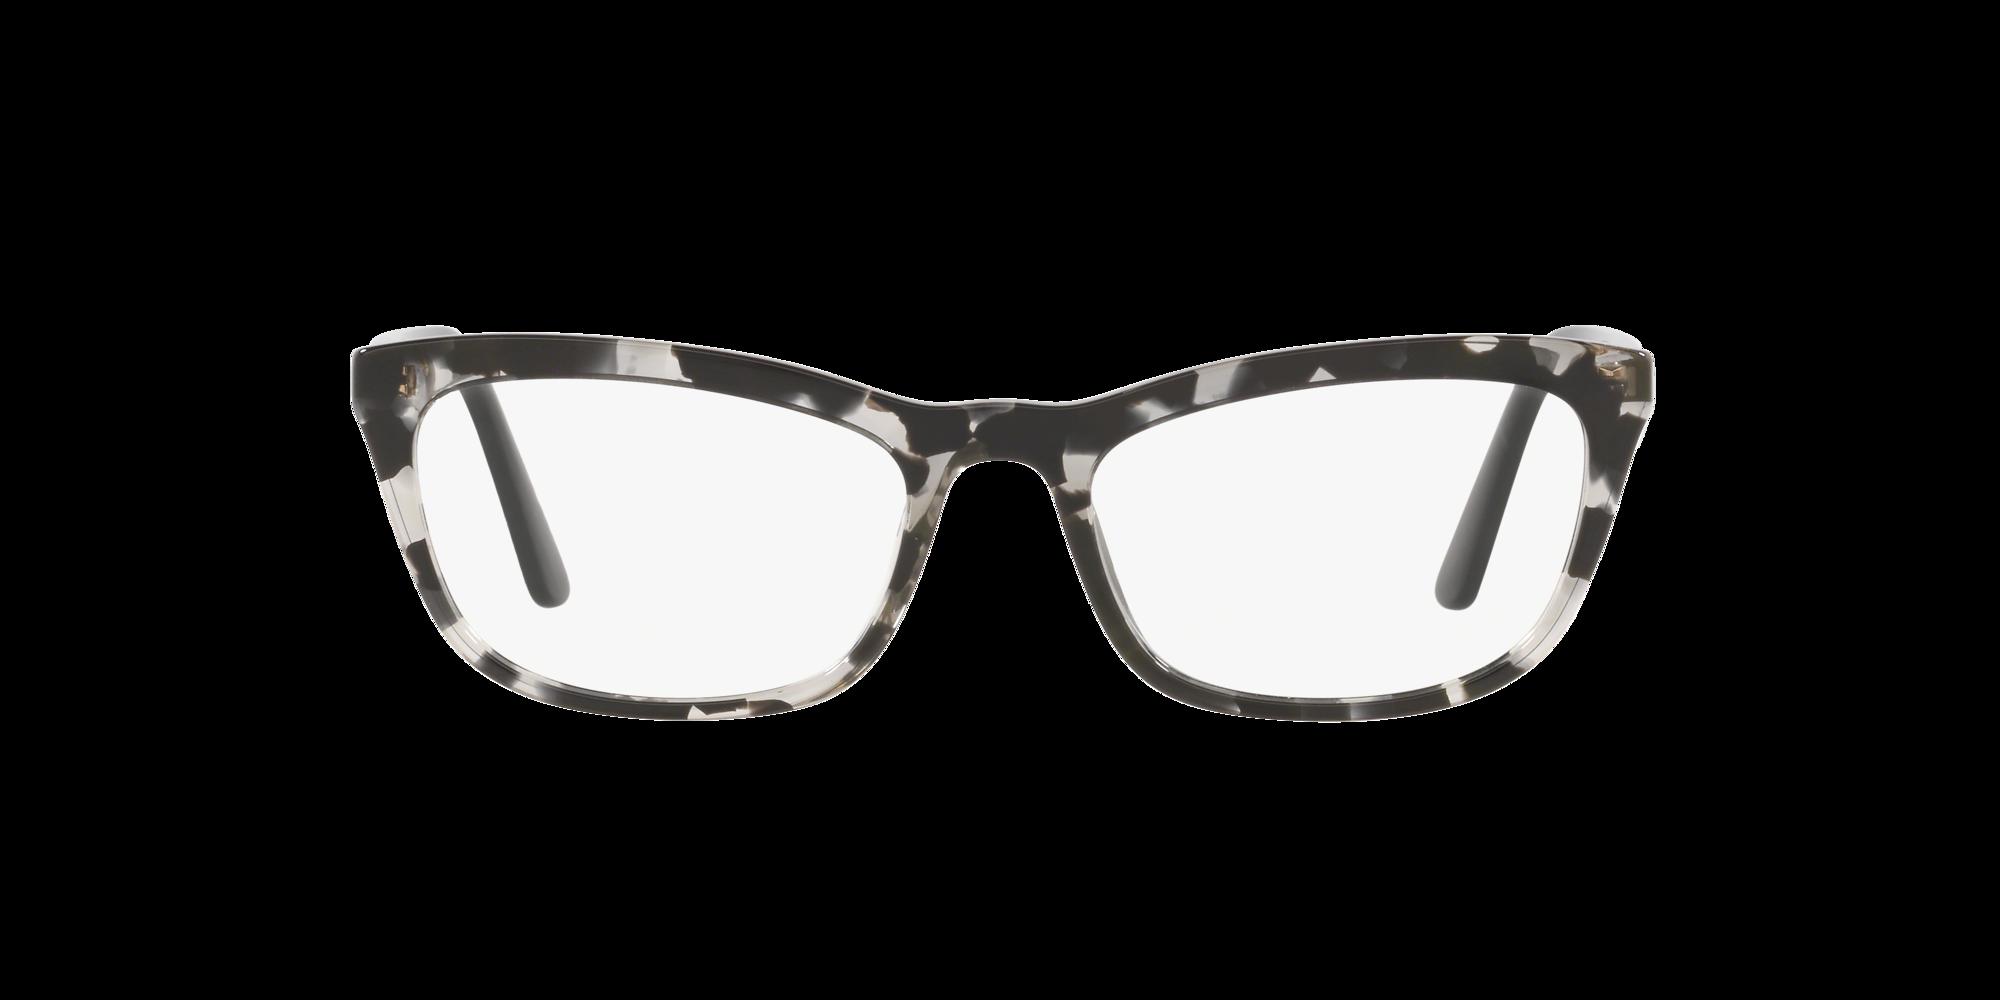 Imagen para PR 10VV CATWALK de LensCrafters |  Espejuelos, espejuelos graduados en línea, gafas